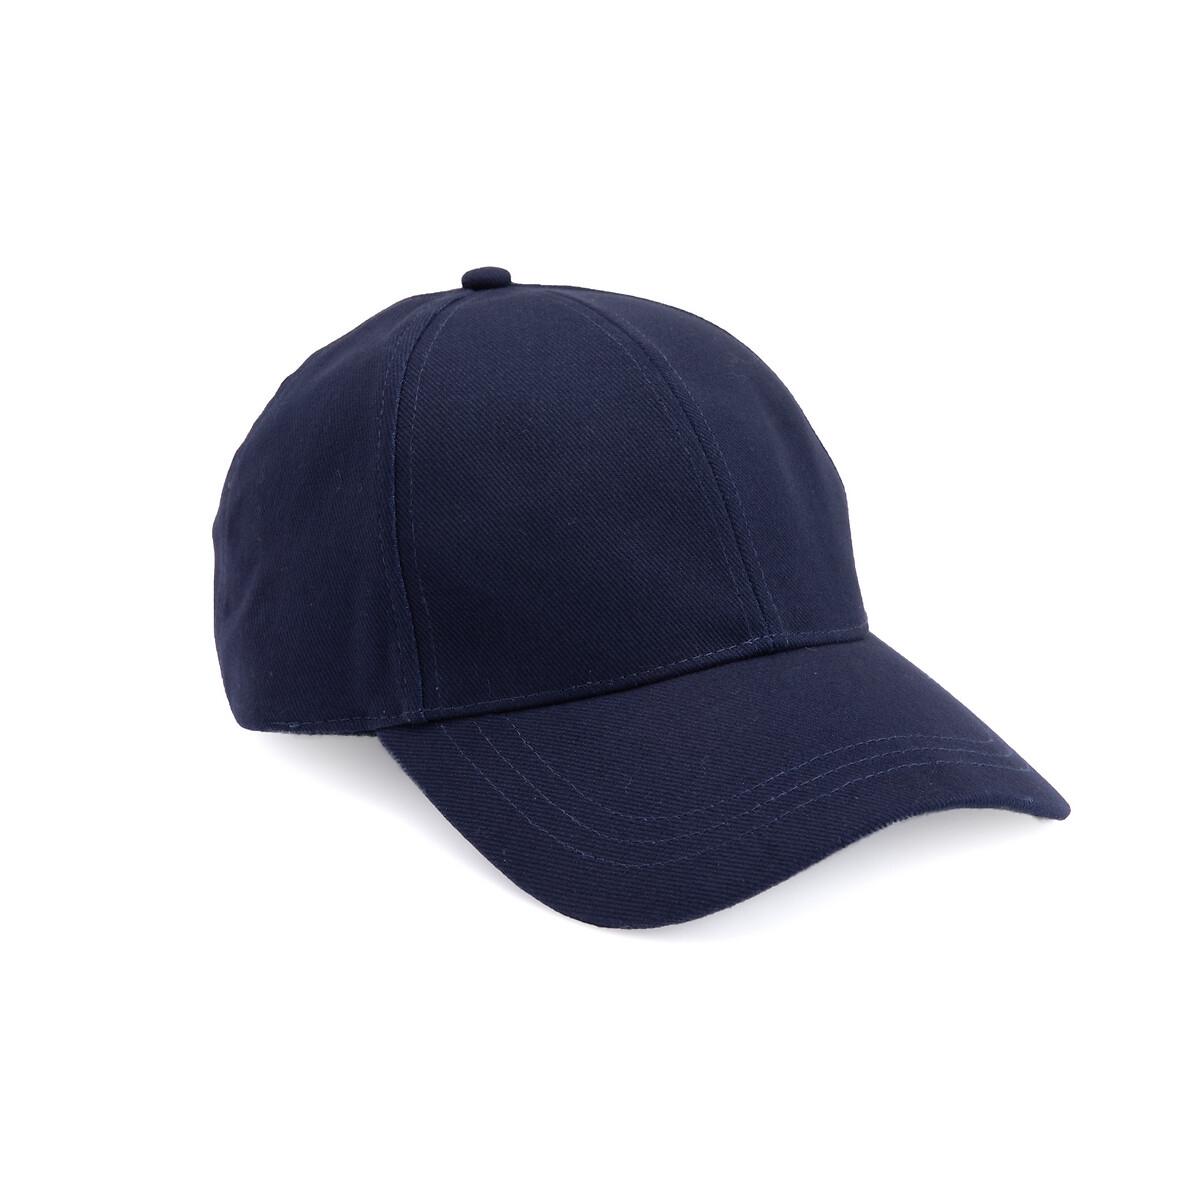 Бейсболка LaRedoute La Redoute UNI синий